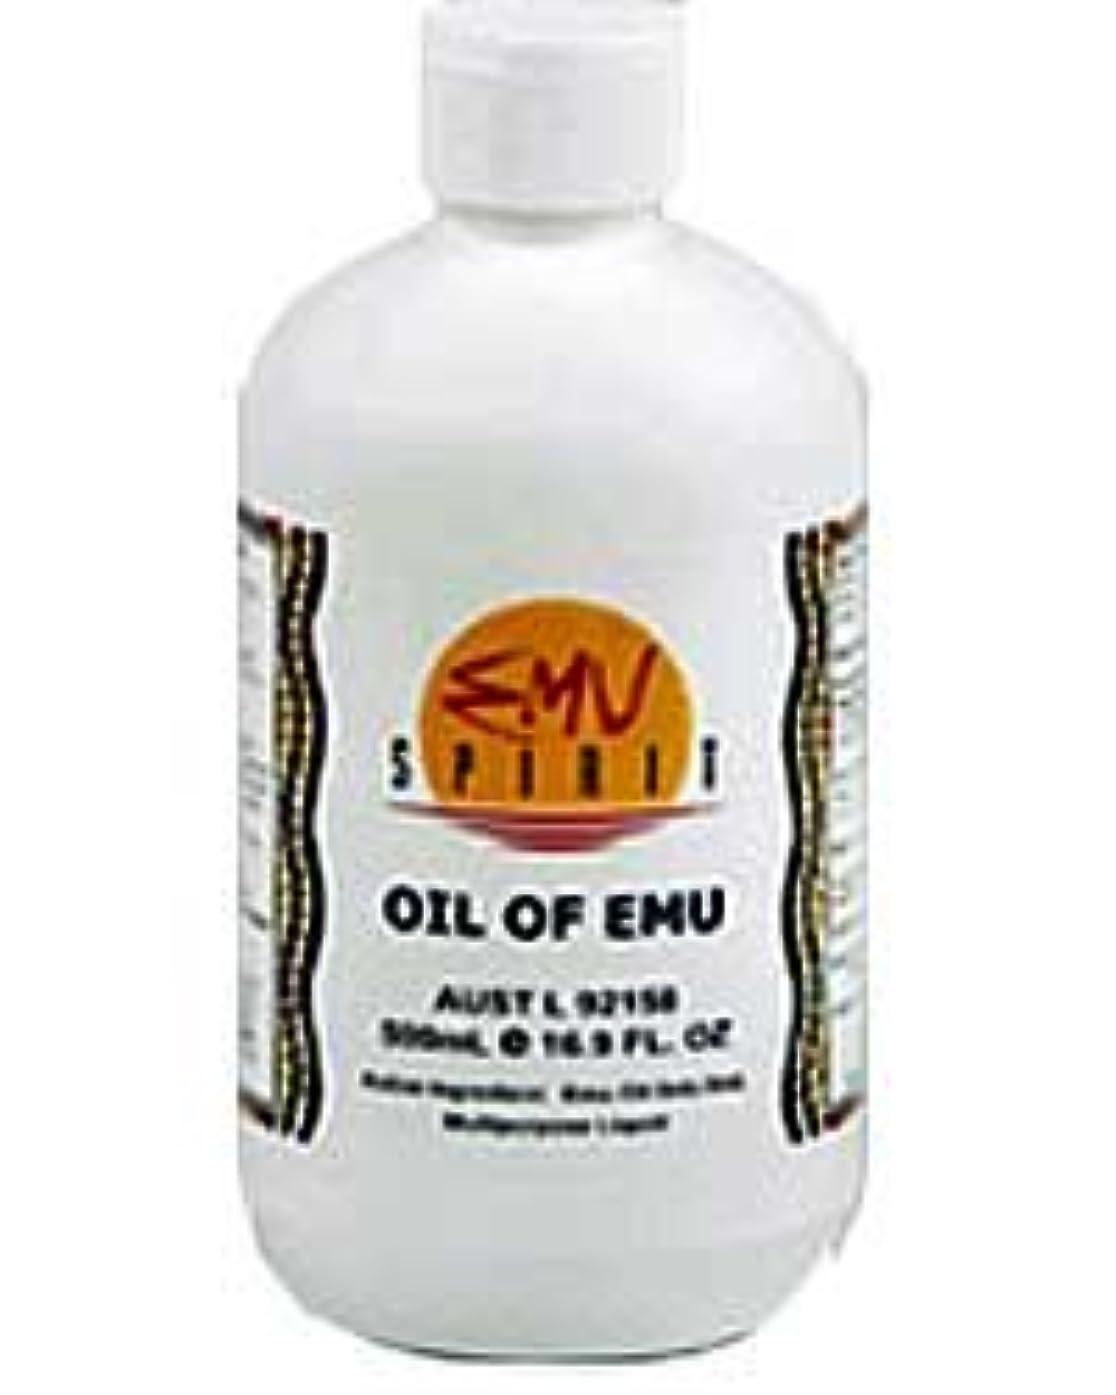 影響を受けやすいですおしゃれじゃないそこから[EMU OIL] 100%ピュア エミューオイル 500ml [海外直送品]